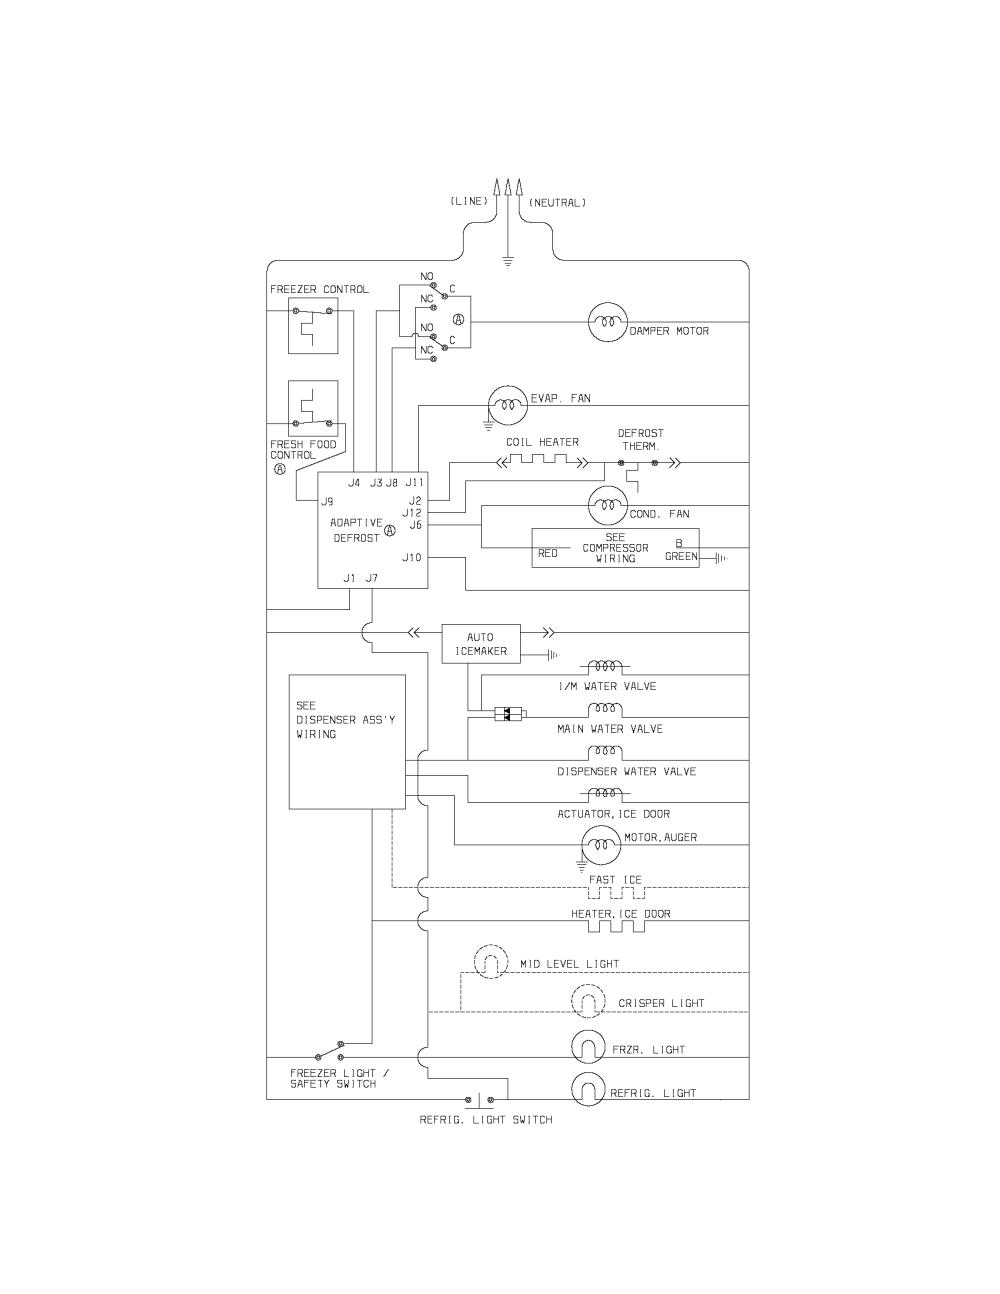 medium resolution of singer refrigerator wiring diagram detailed wiring diagramssinger refrigerator wiring diagram electrical wiring diagrams refrigerator wiring schematic